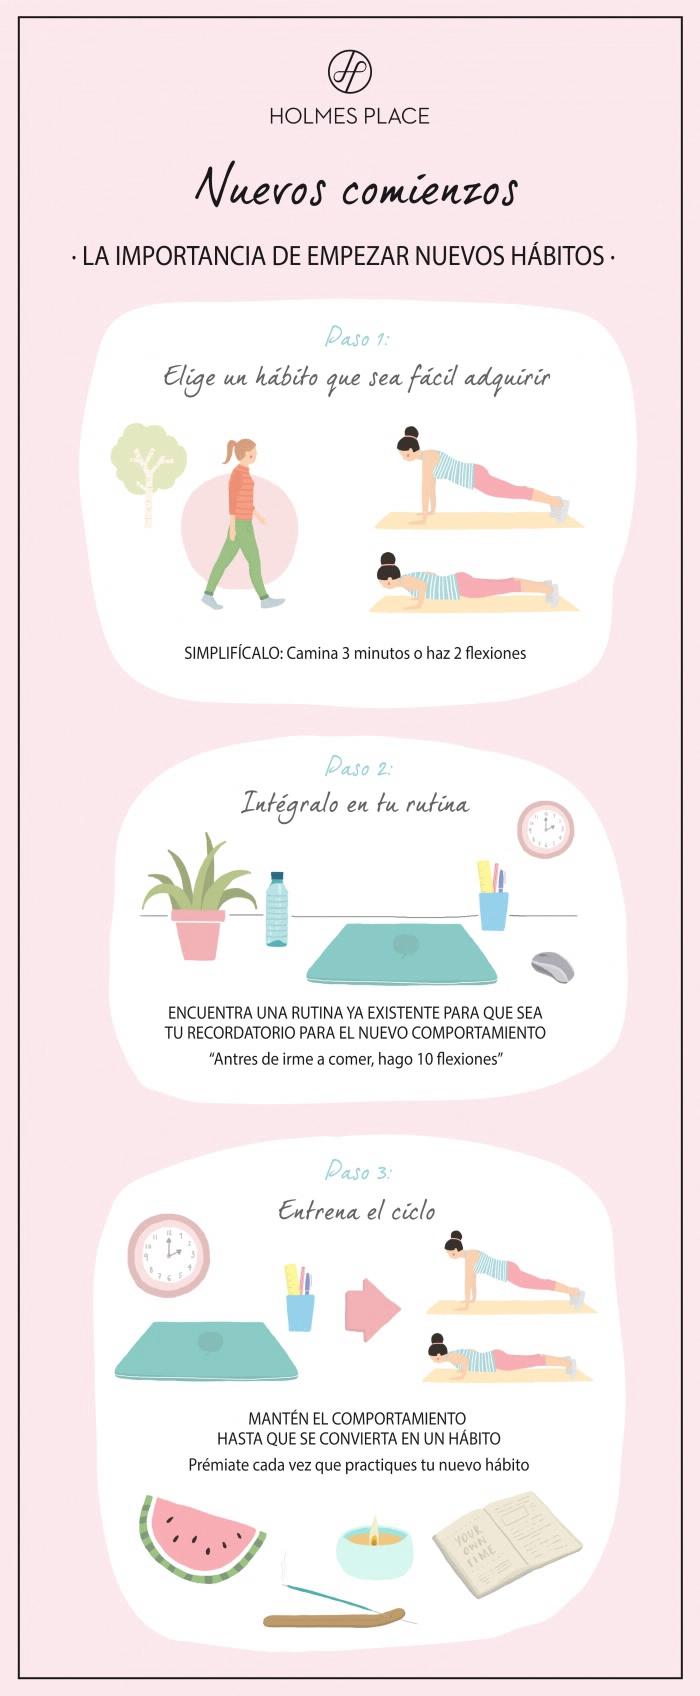 nuevos hábitos info